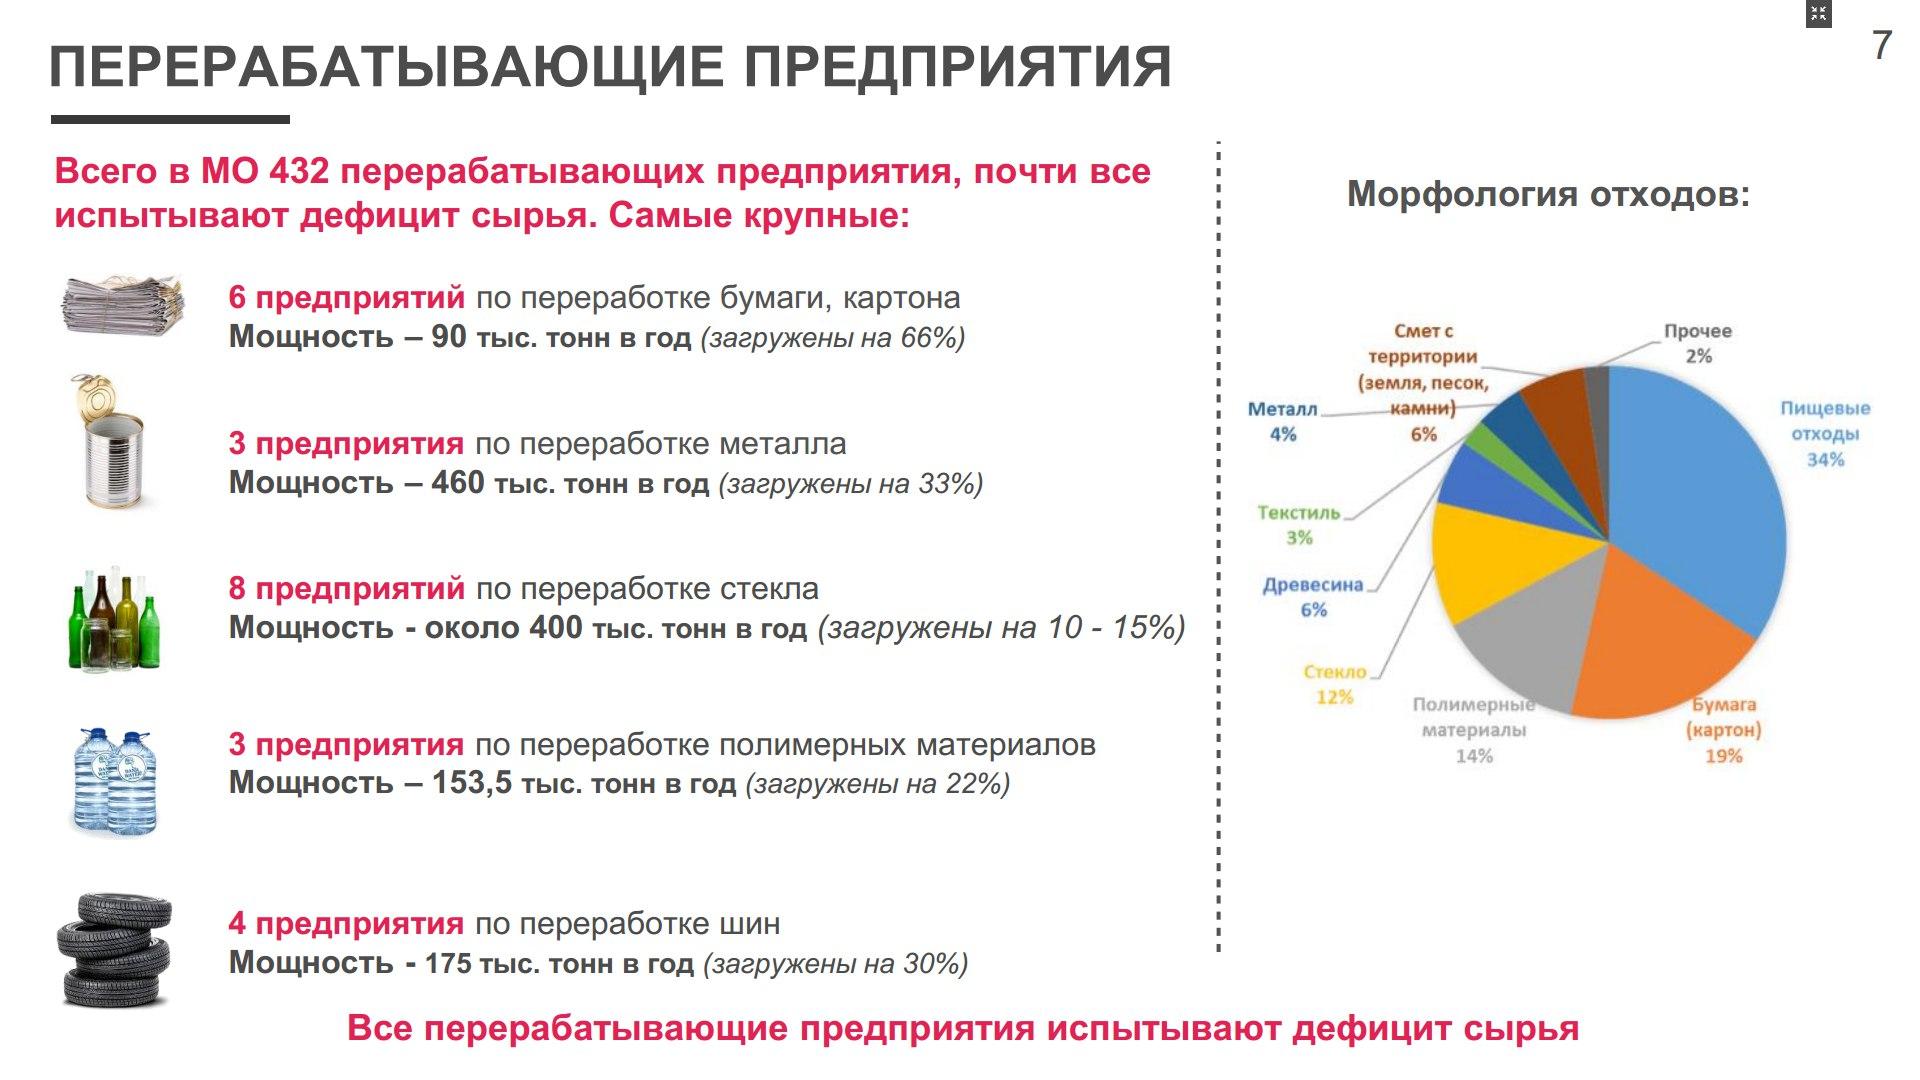 Слайд-данные Министерства экологии Московской области